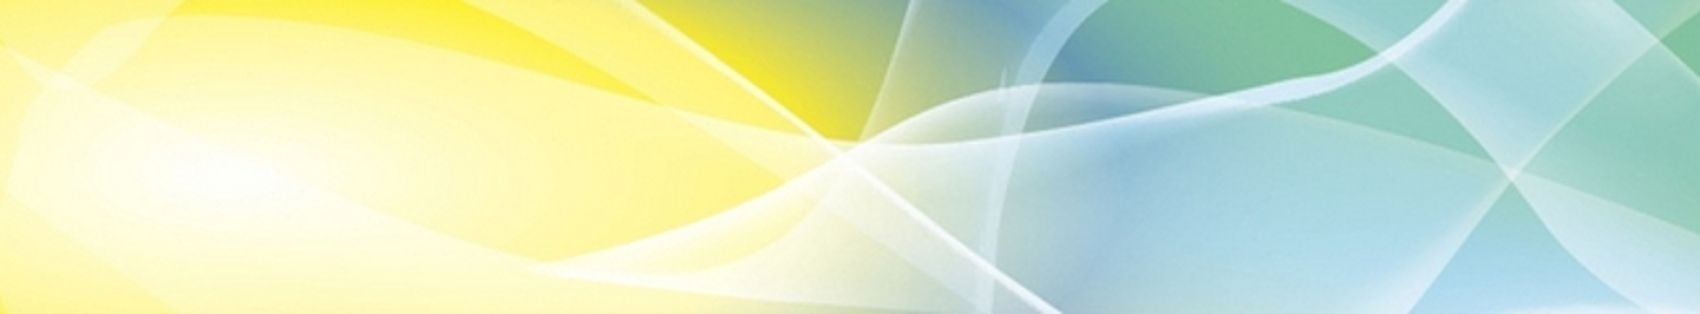 желто-голубой абстрактный фон